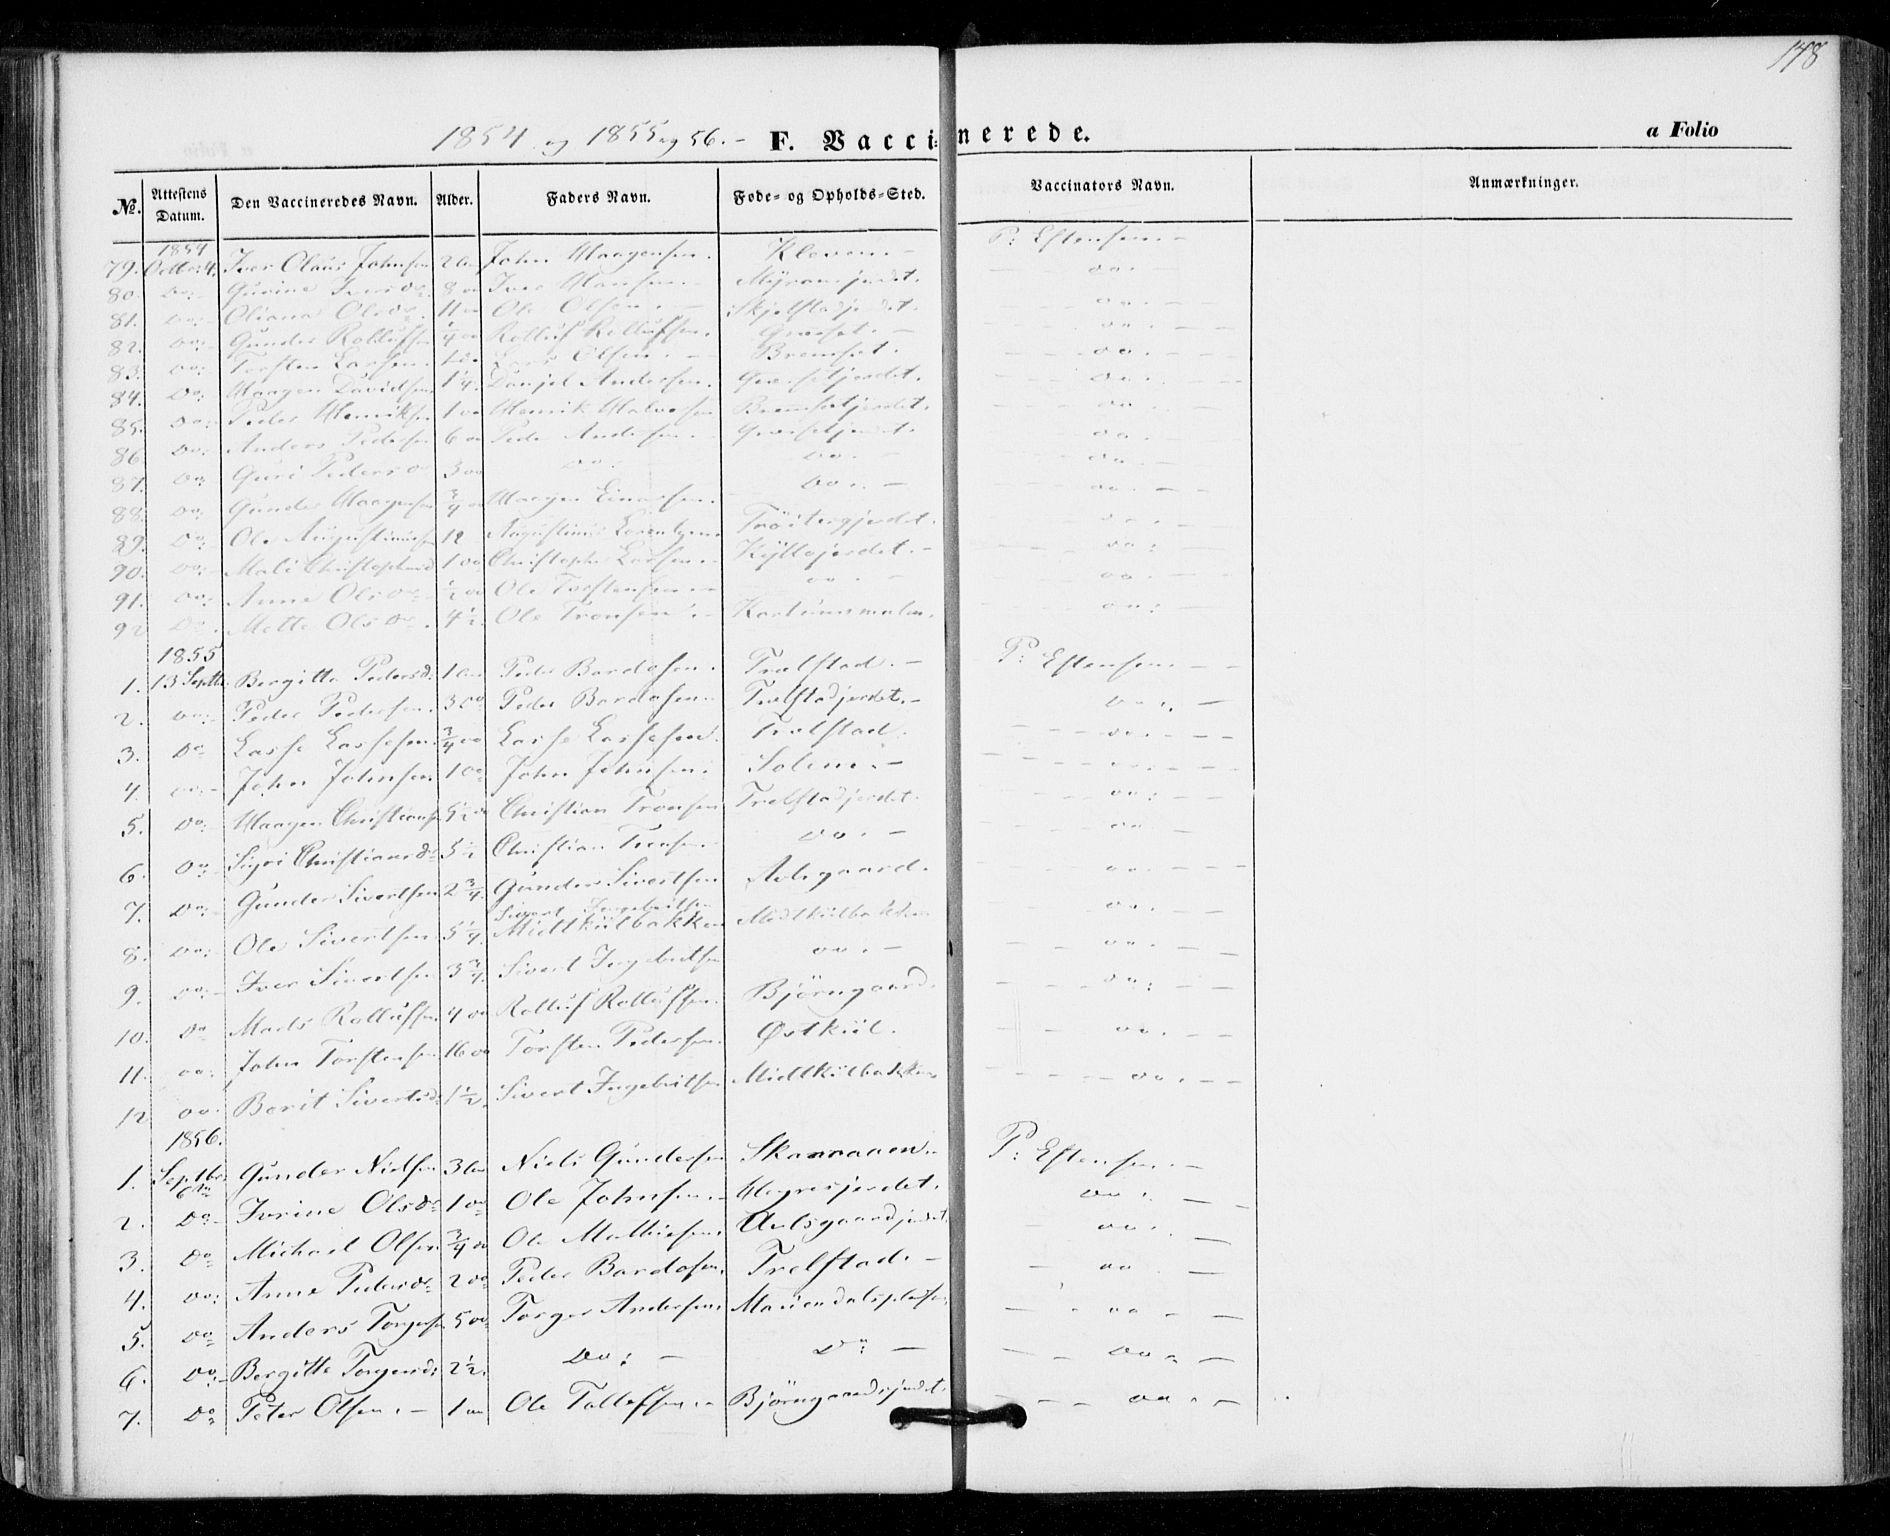 SAT, Ministerialprotokoller, klokkerbøker og fødselsregistre - Nord-Trøndelag, 703/L0028: Ministerialbok nr. 703A01, 1850-1862, s. 178